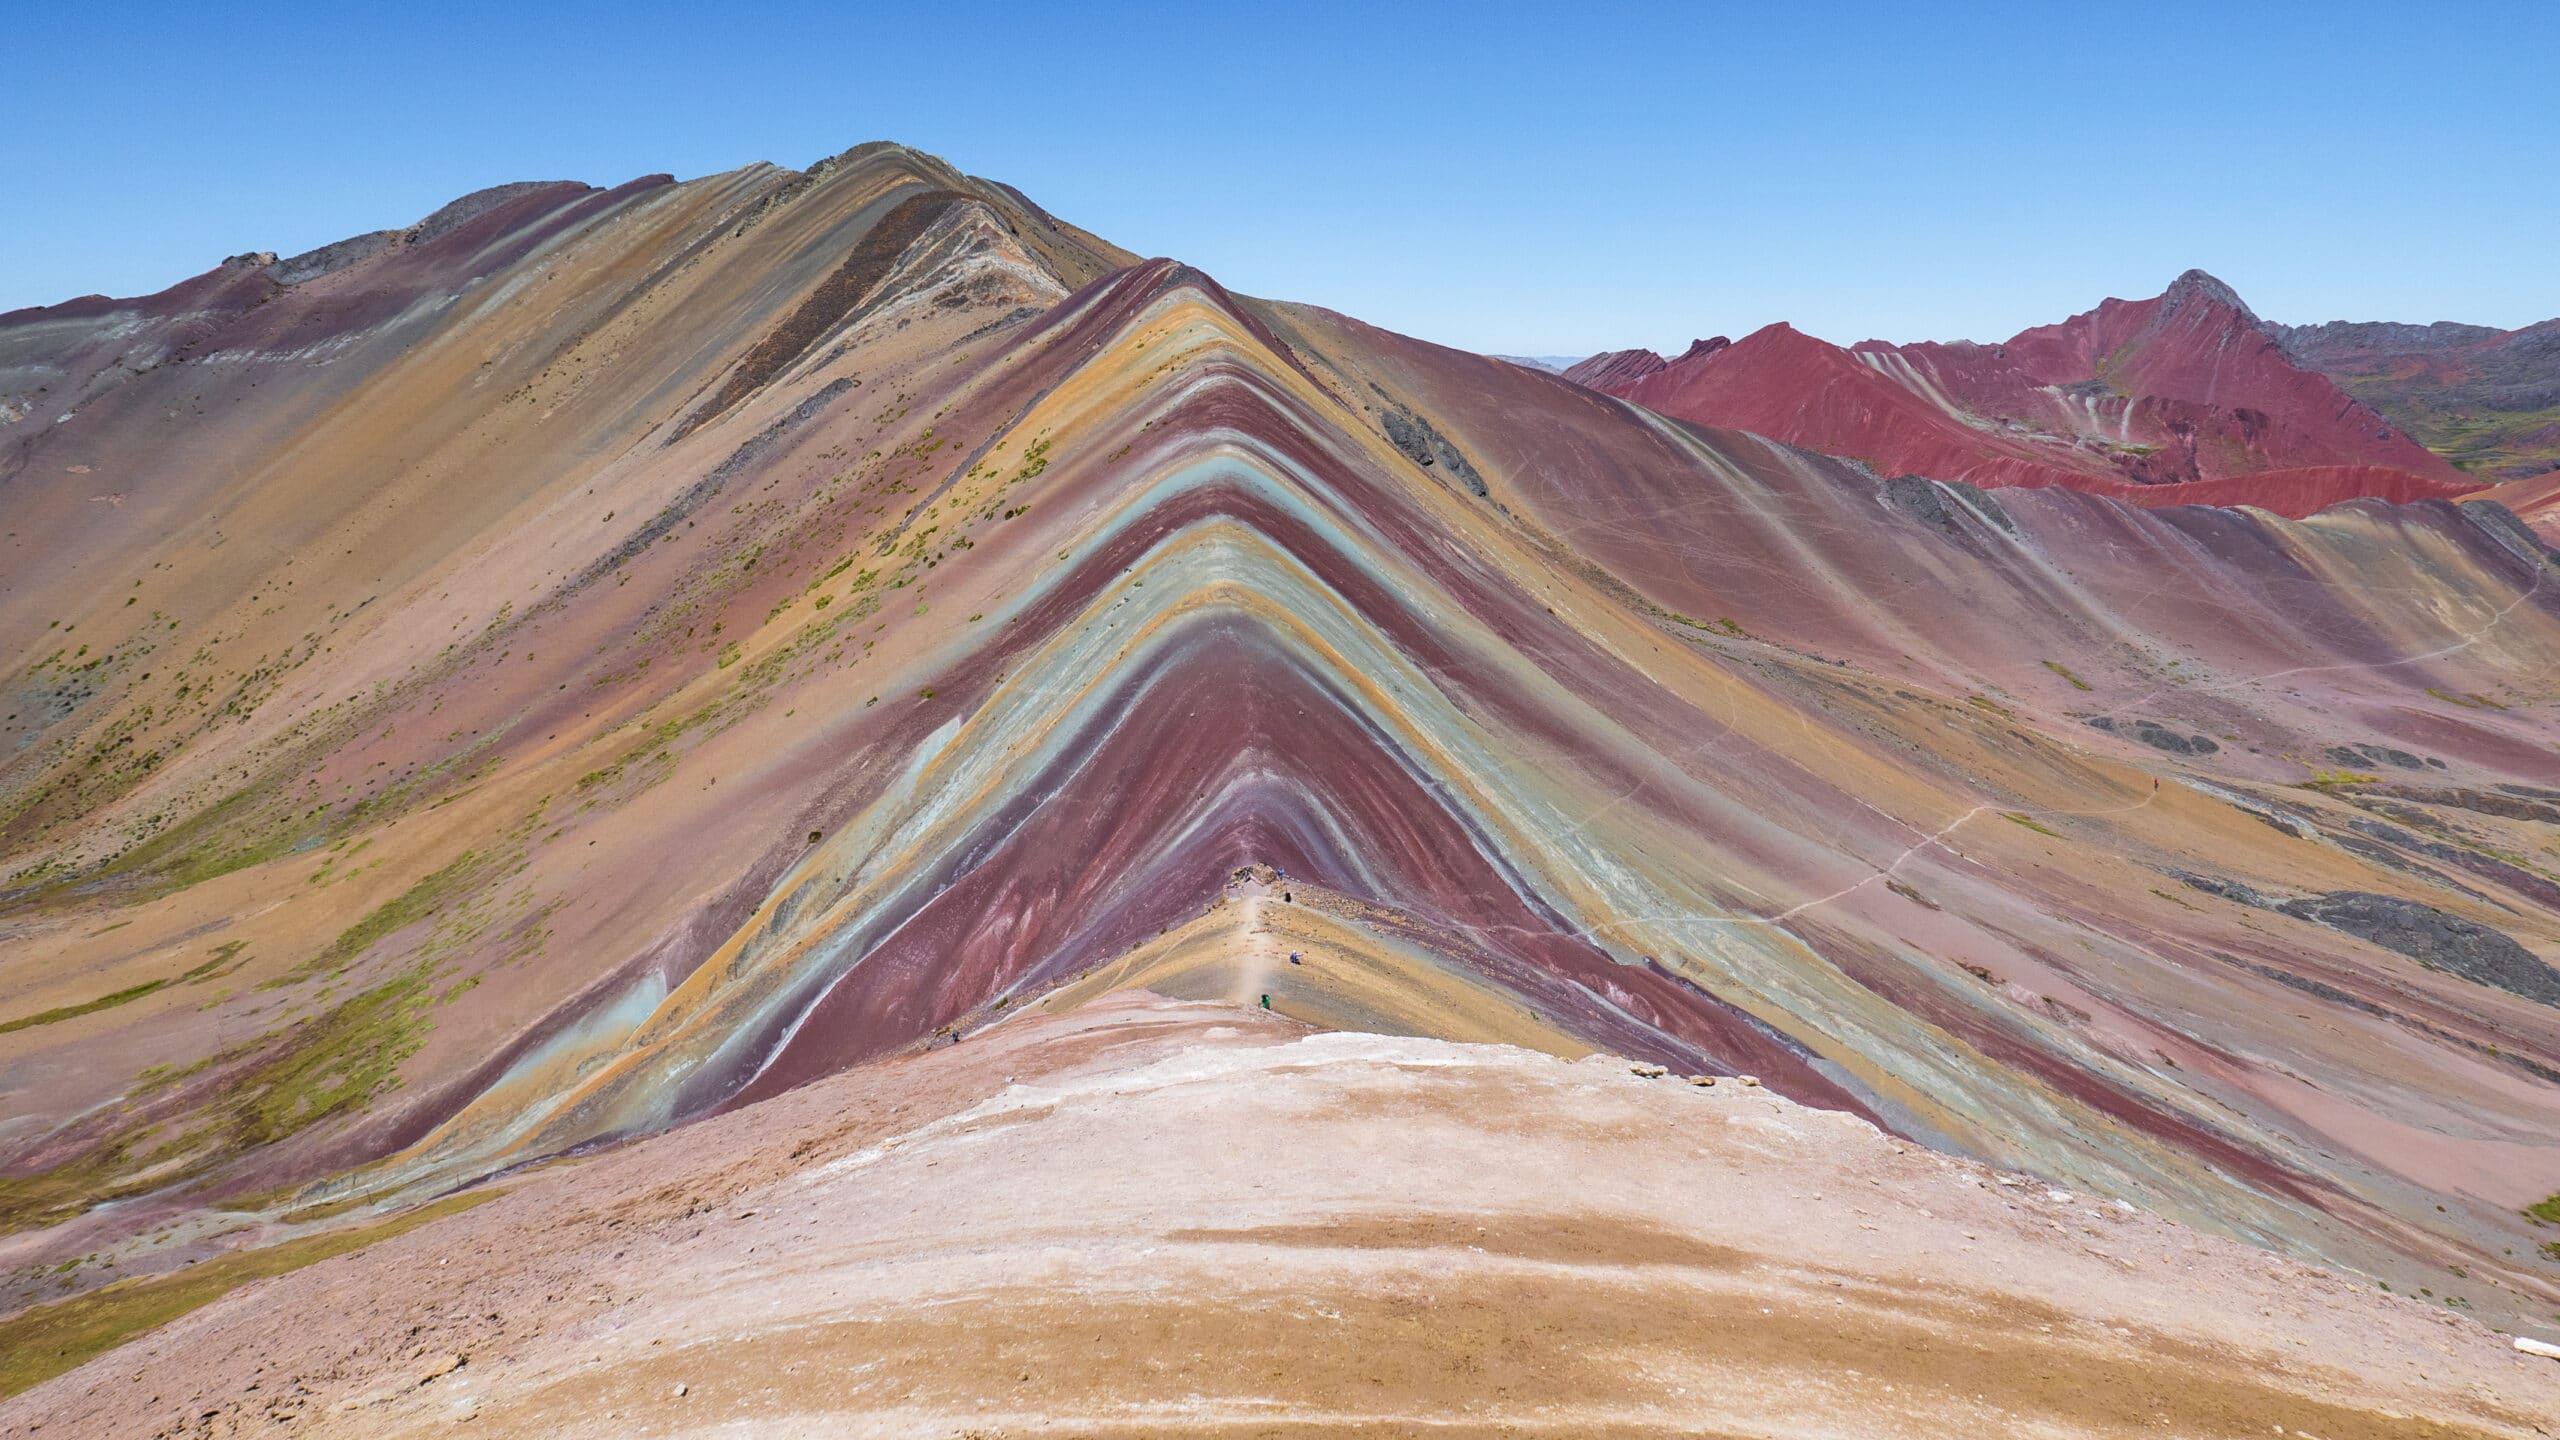 Montagne 7 couleur du Pérou